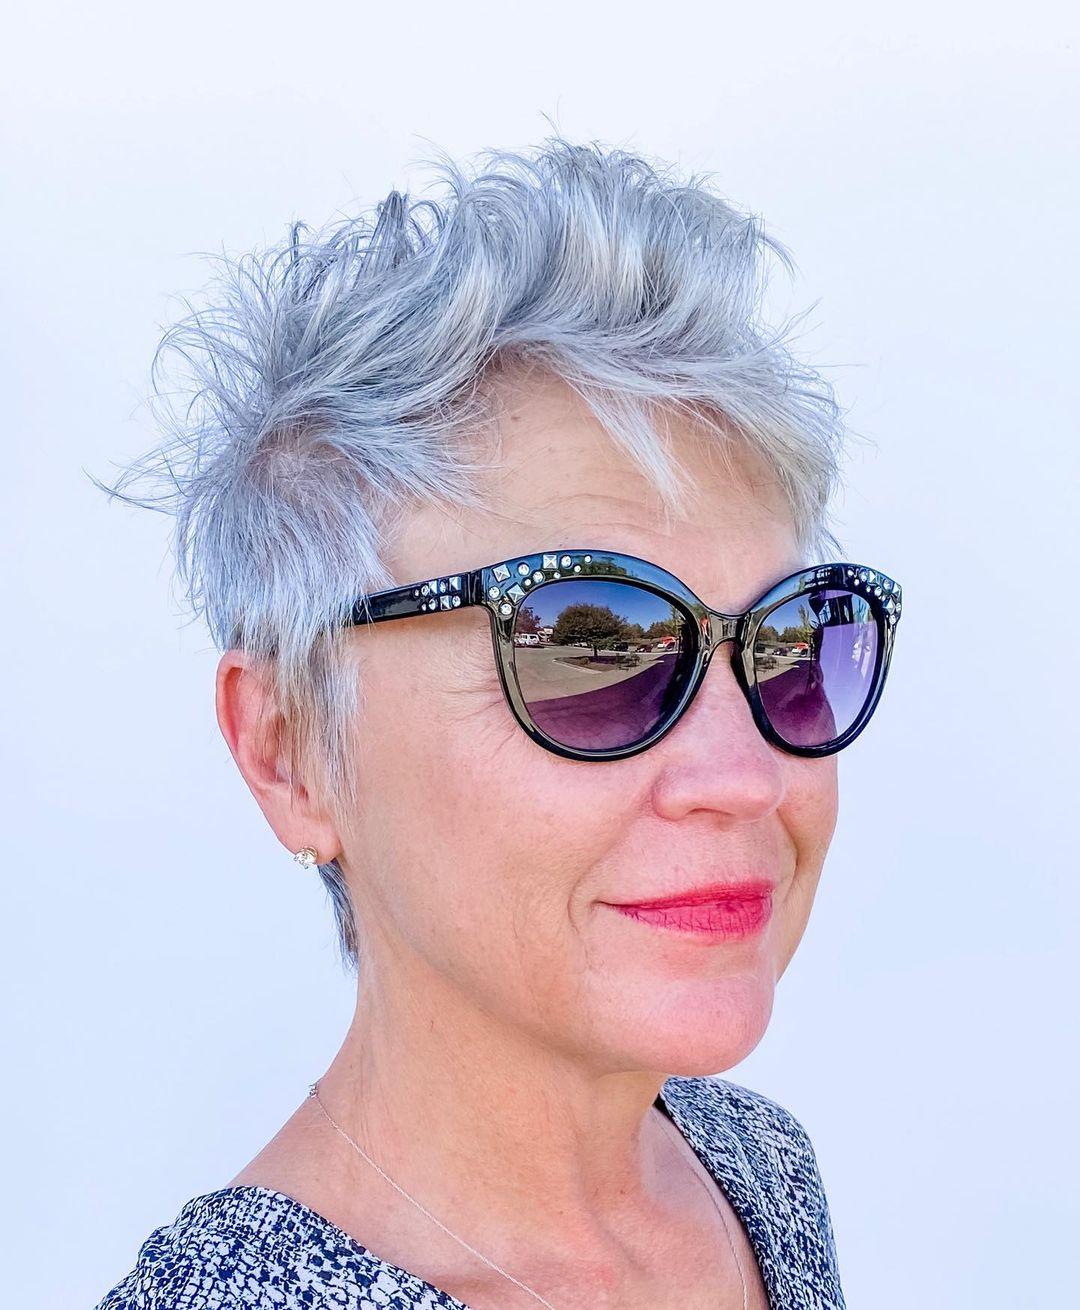 Corte shaggy pixie para mujeres de 50 a 60 años